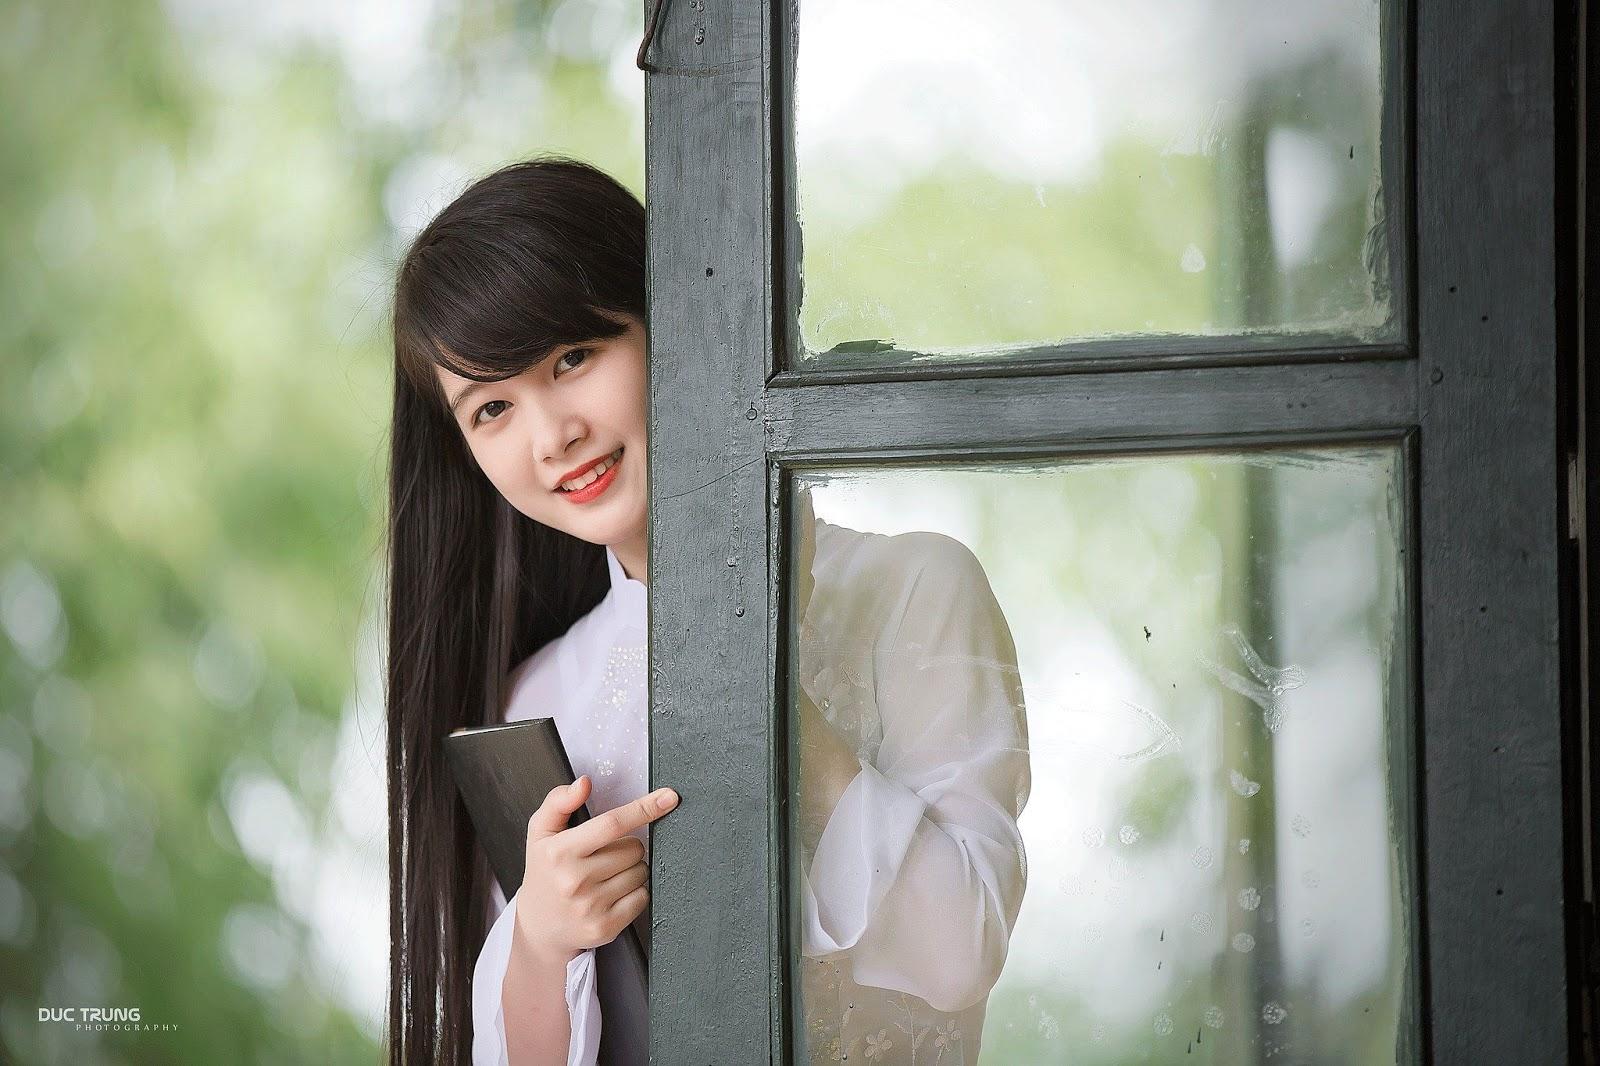 Top ảnh girl xinh Việt với áo dài thướt tha đẹp mê mẩn lòng người #3